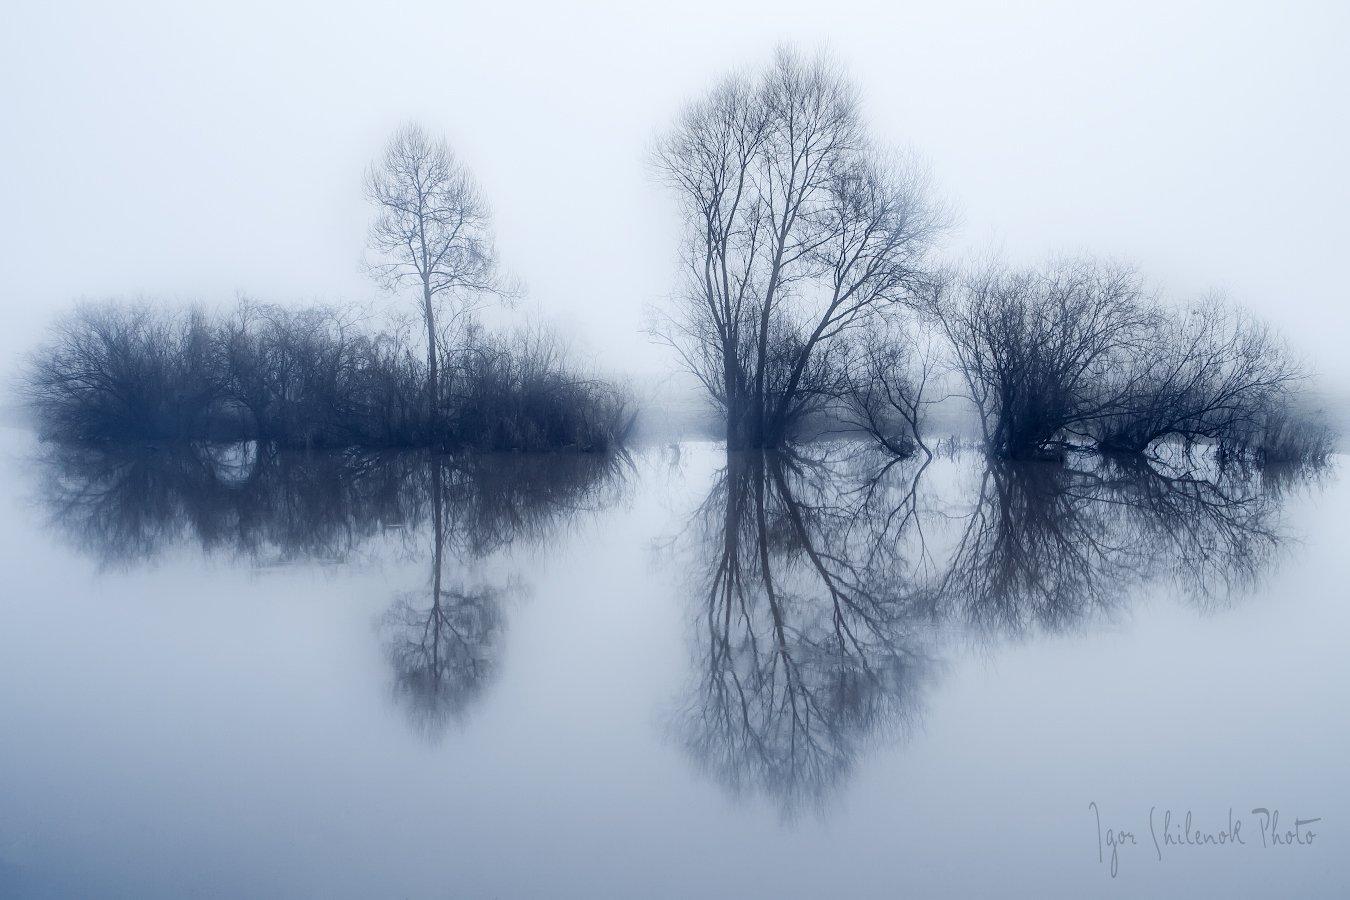 утро, туман, Игорь Шиленок